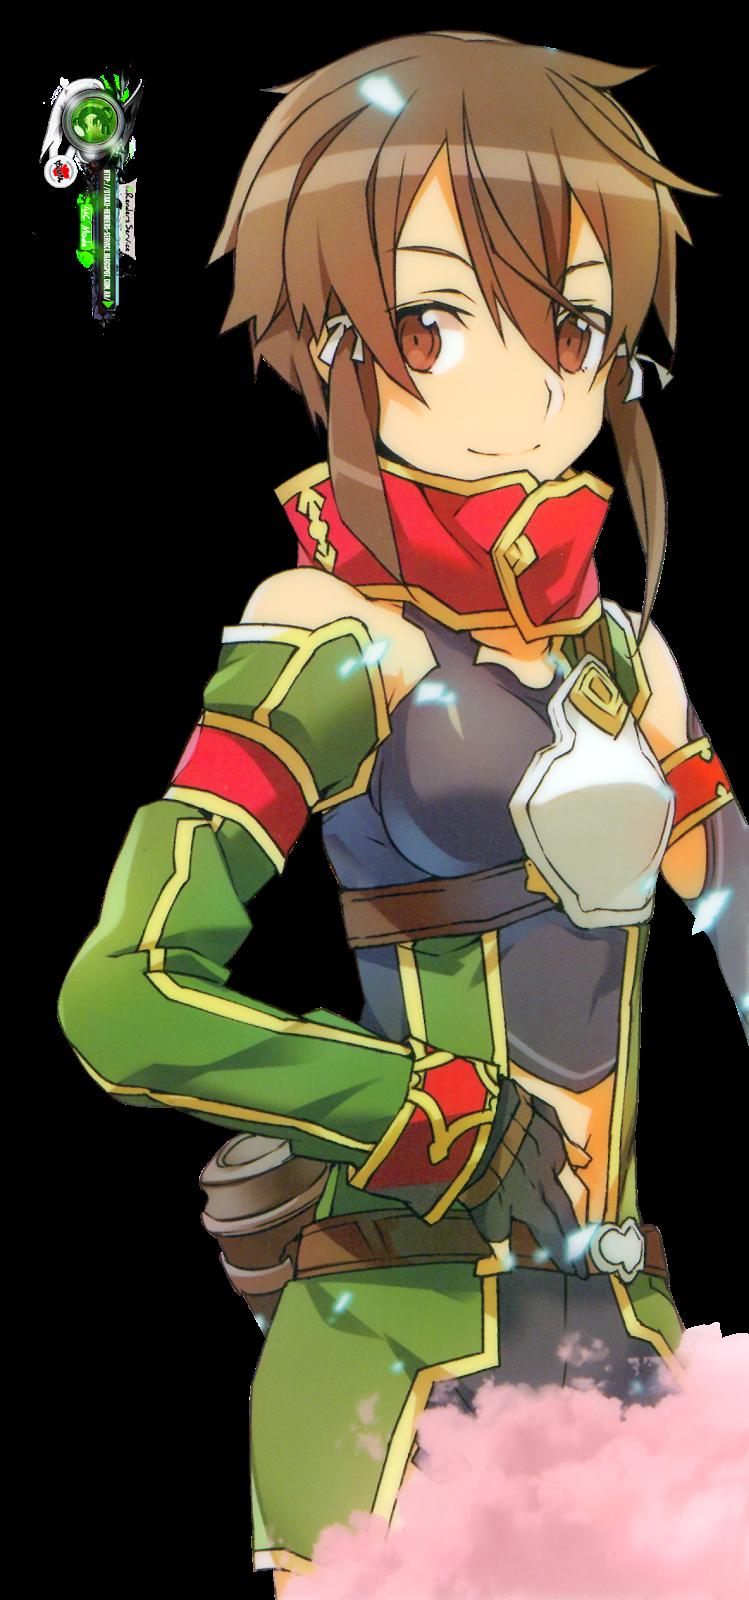 Sword Art Online:Shino Asada Kawaiii Hollow Frament Render ...